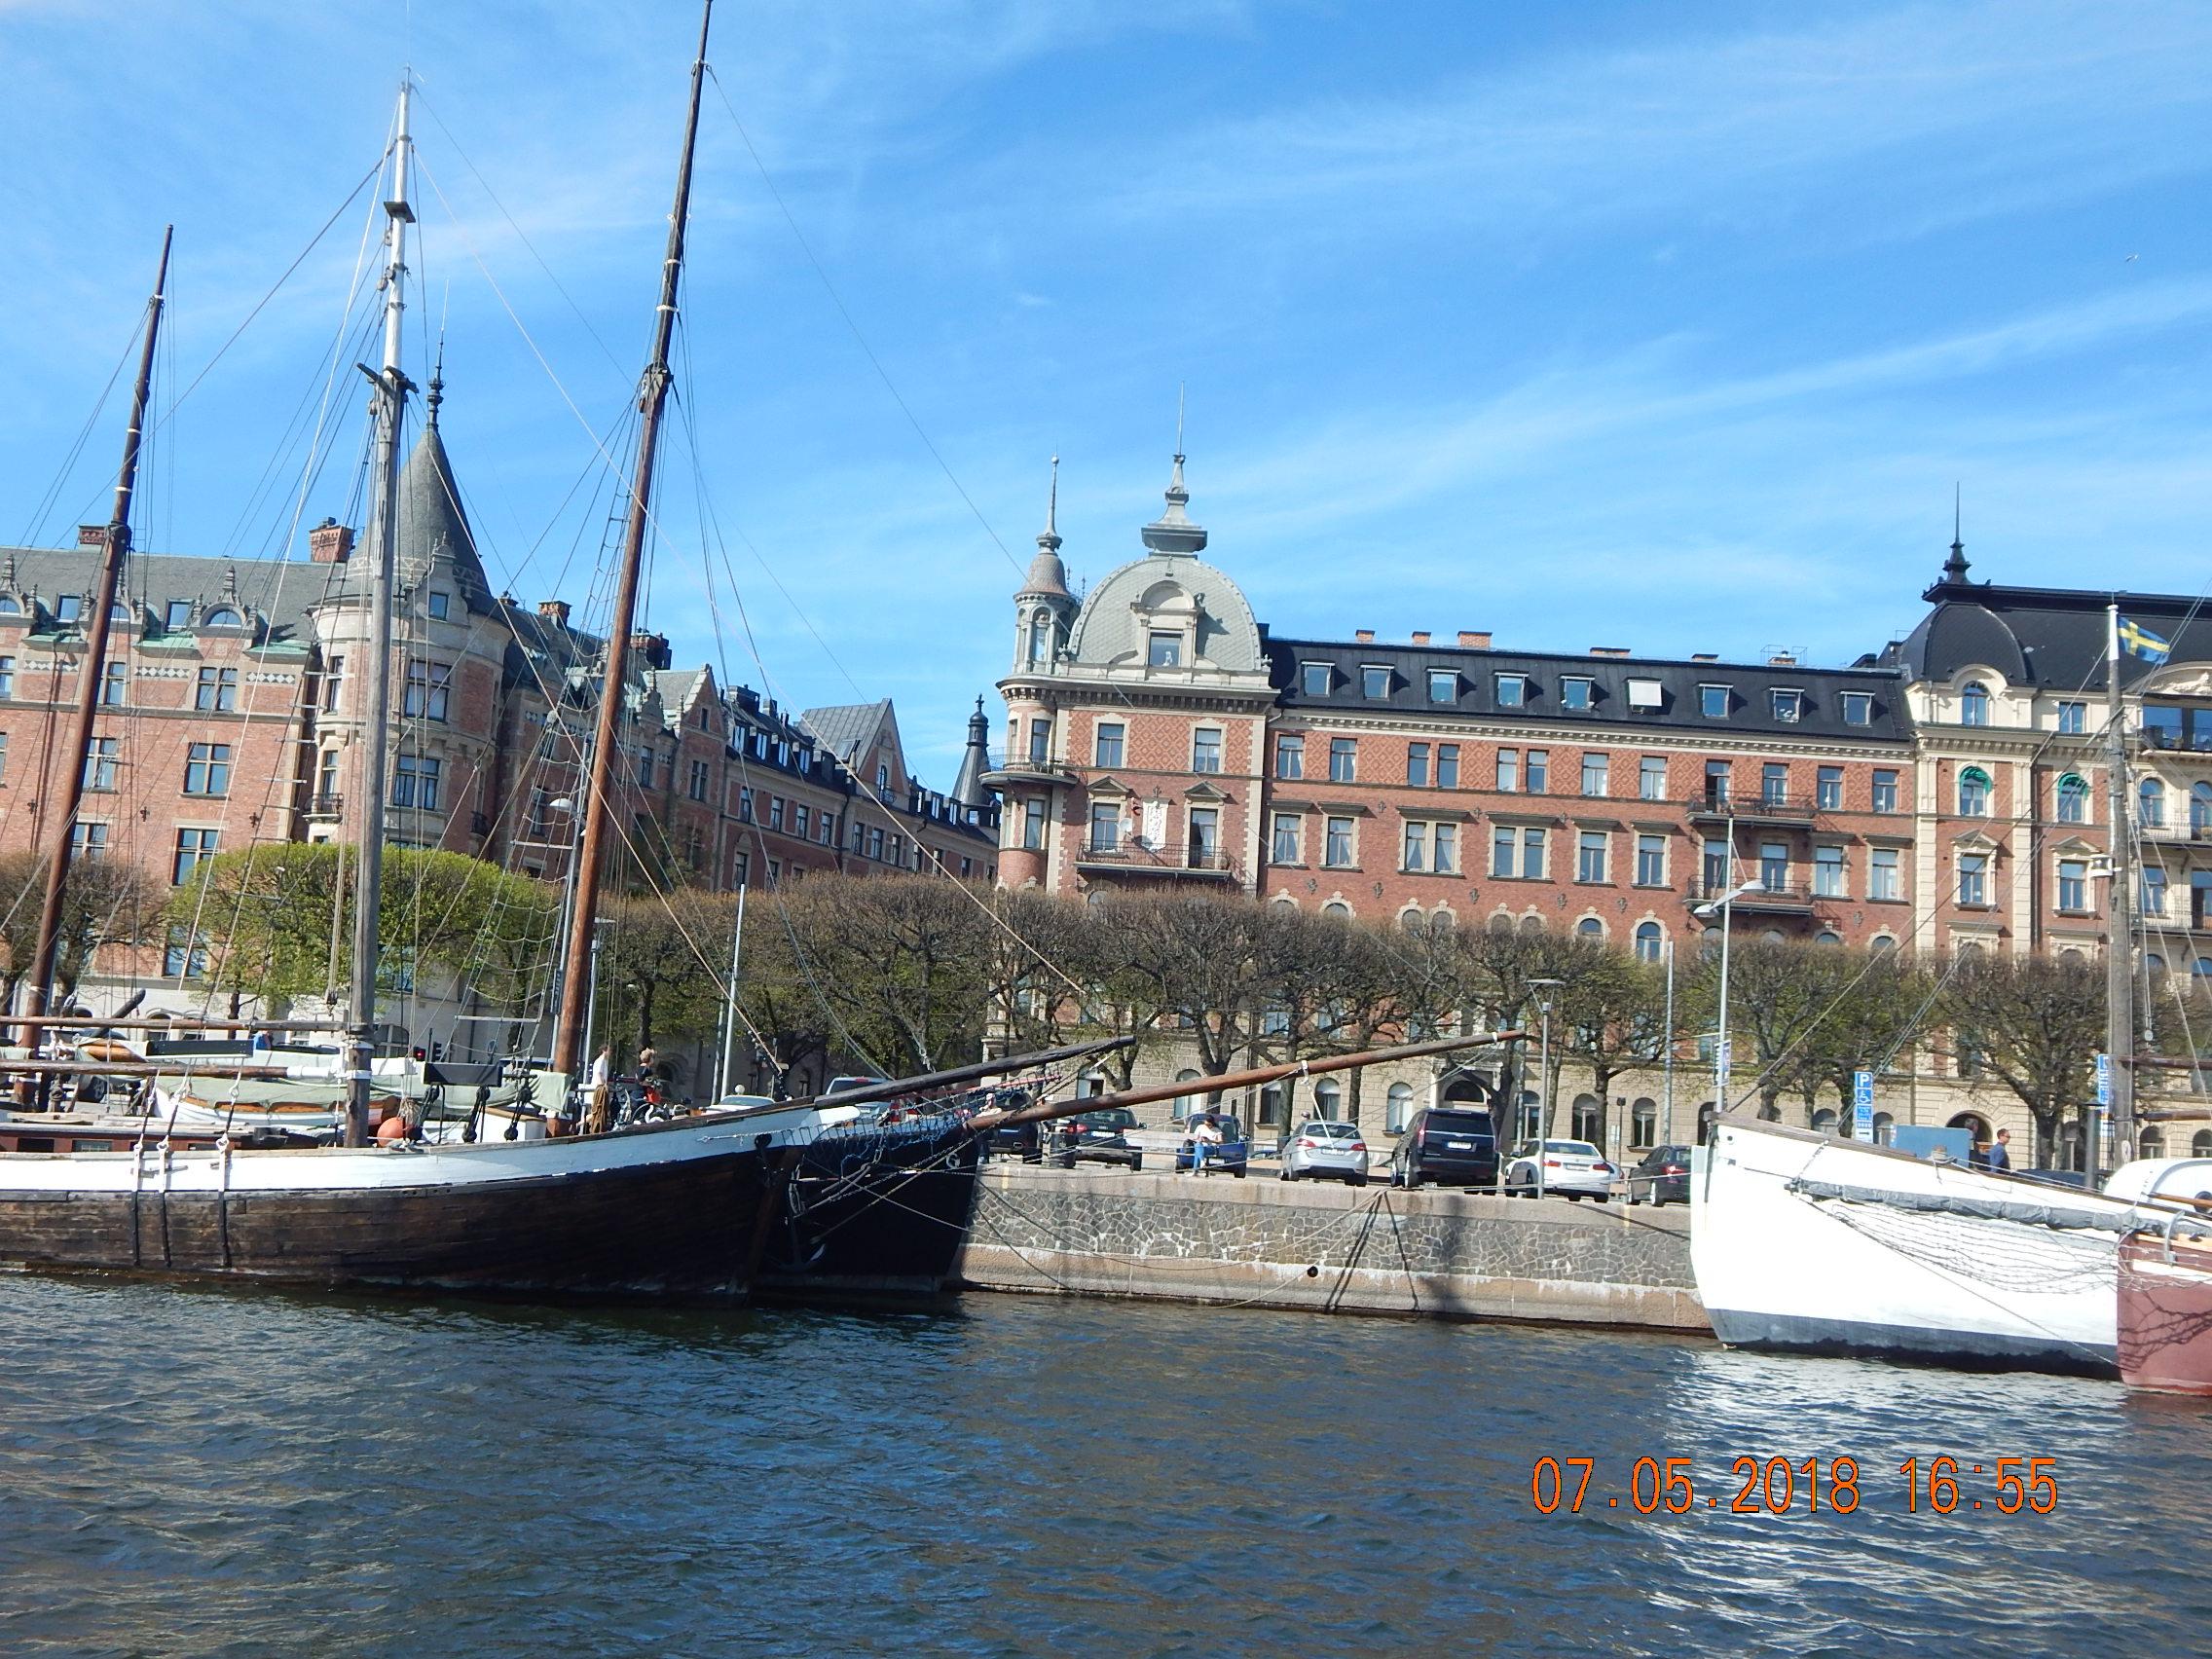 Романтическое путешествие в Скандинавию. - Страница 2 Dscn4616